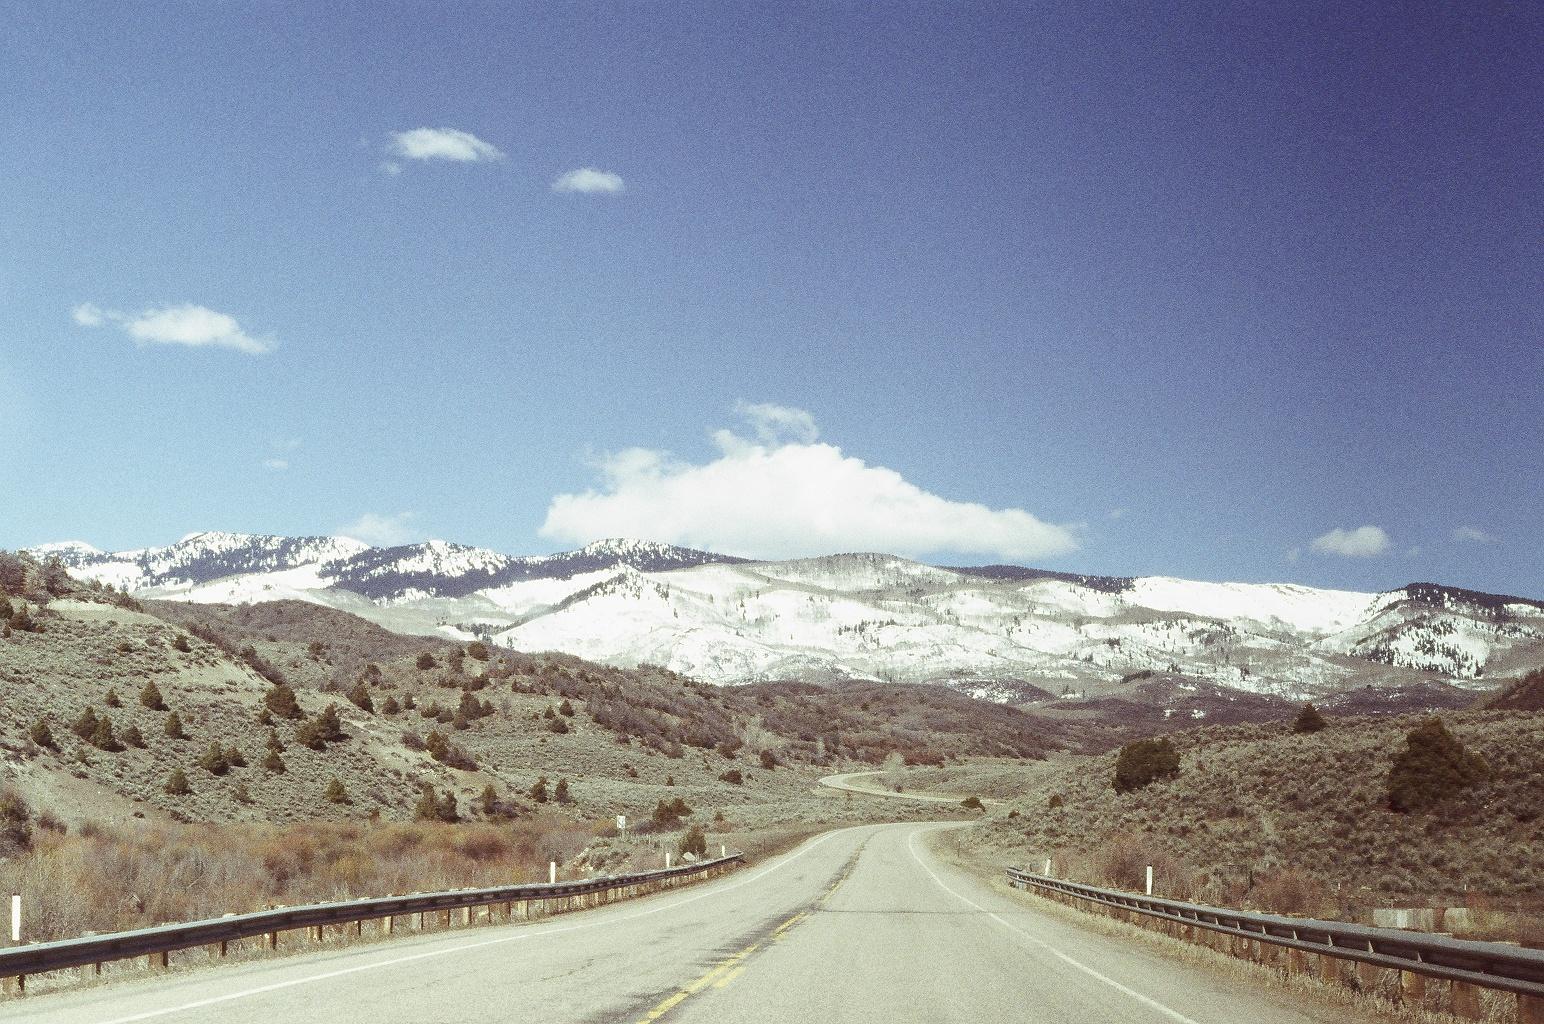 Somewhere in Colorado